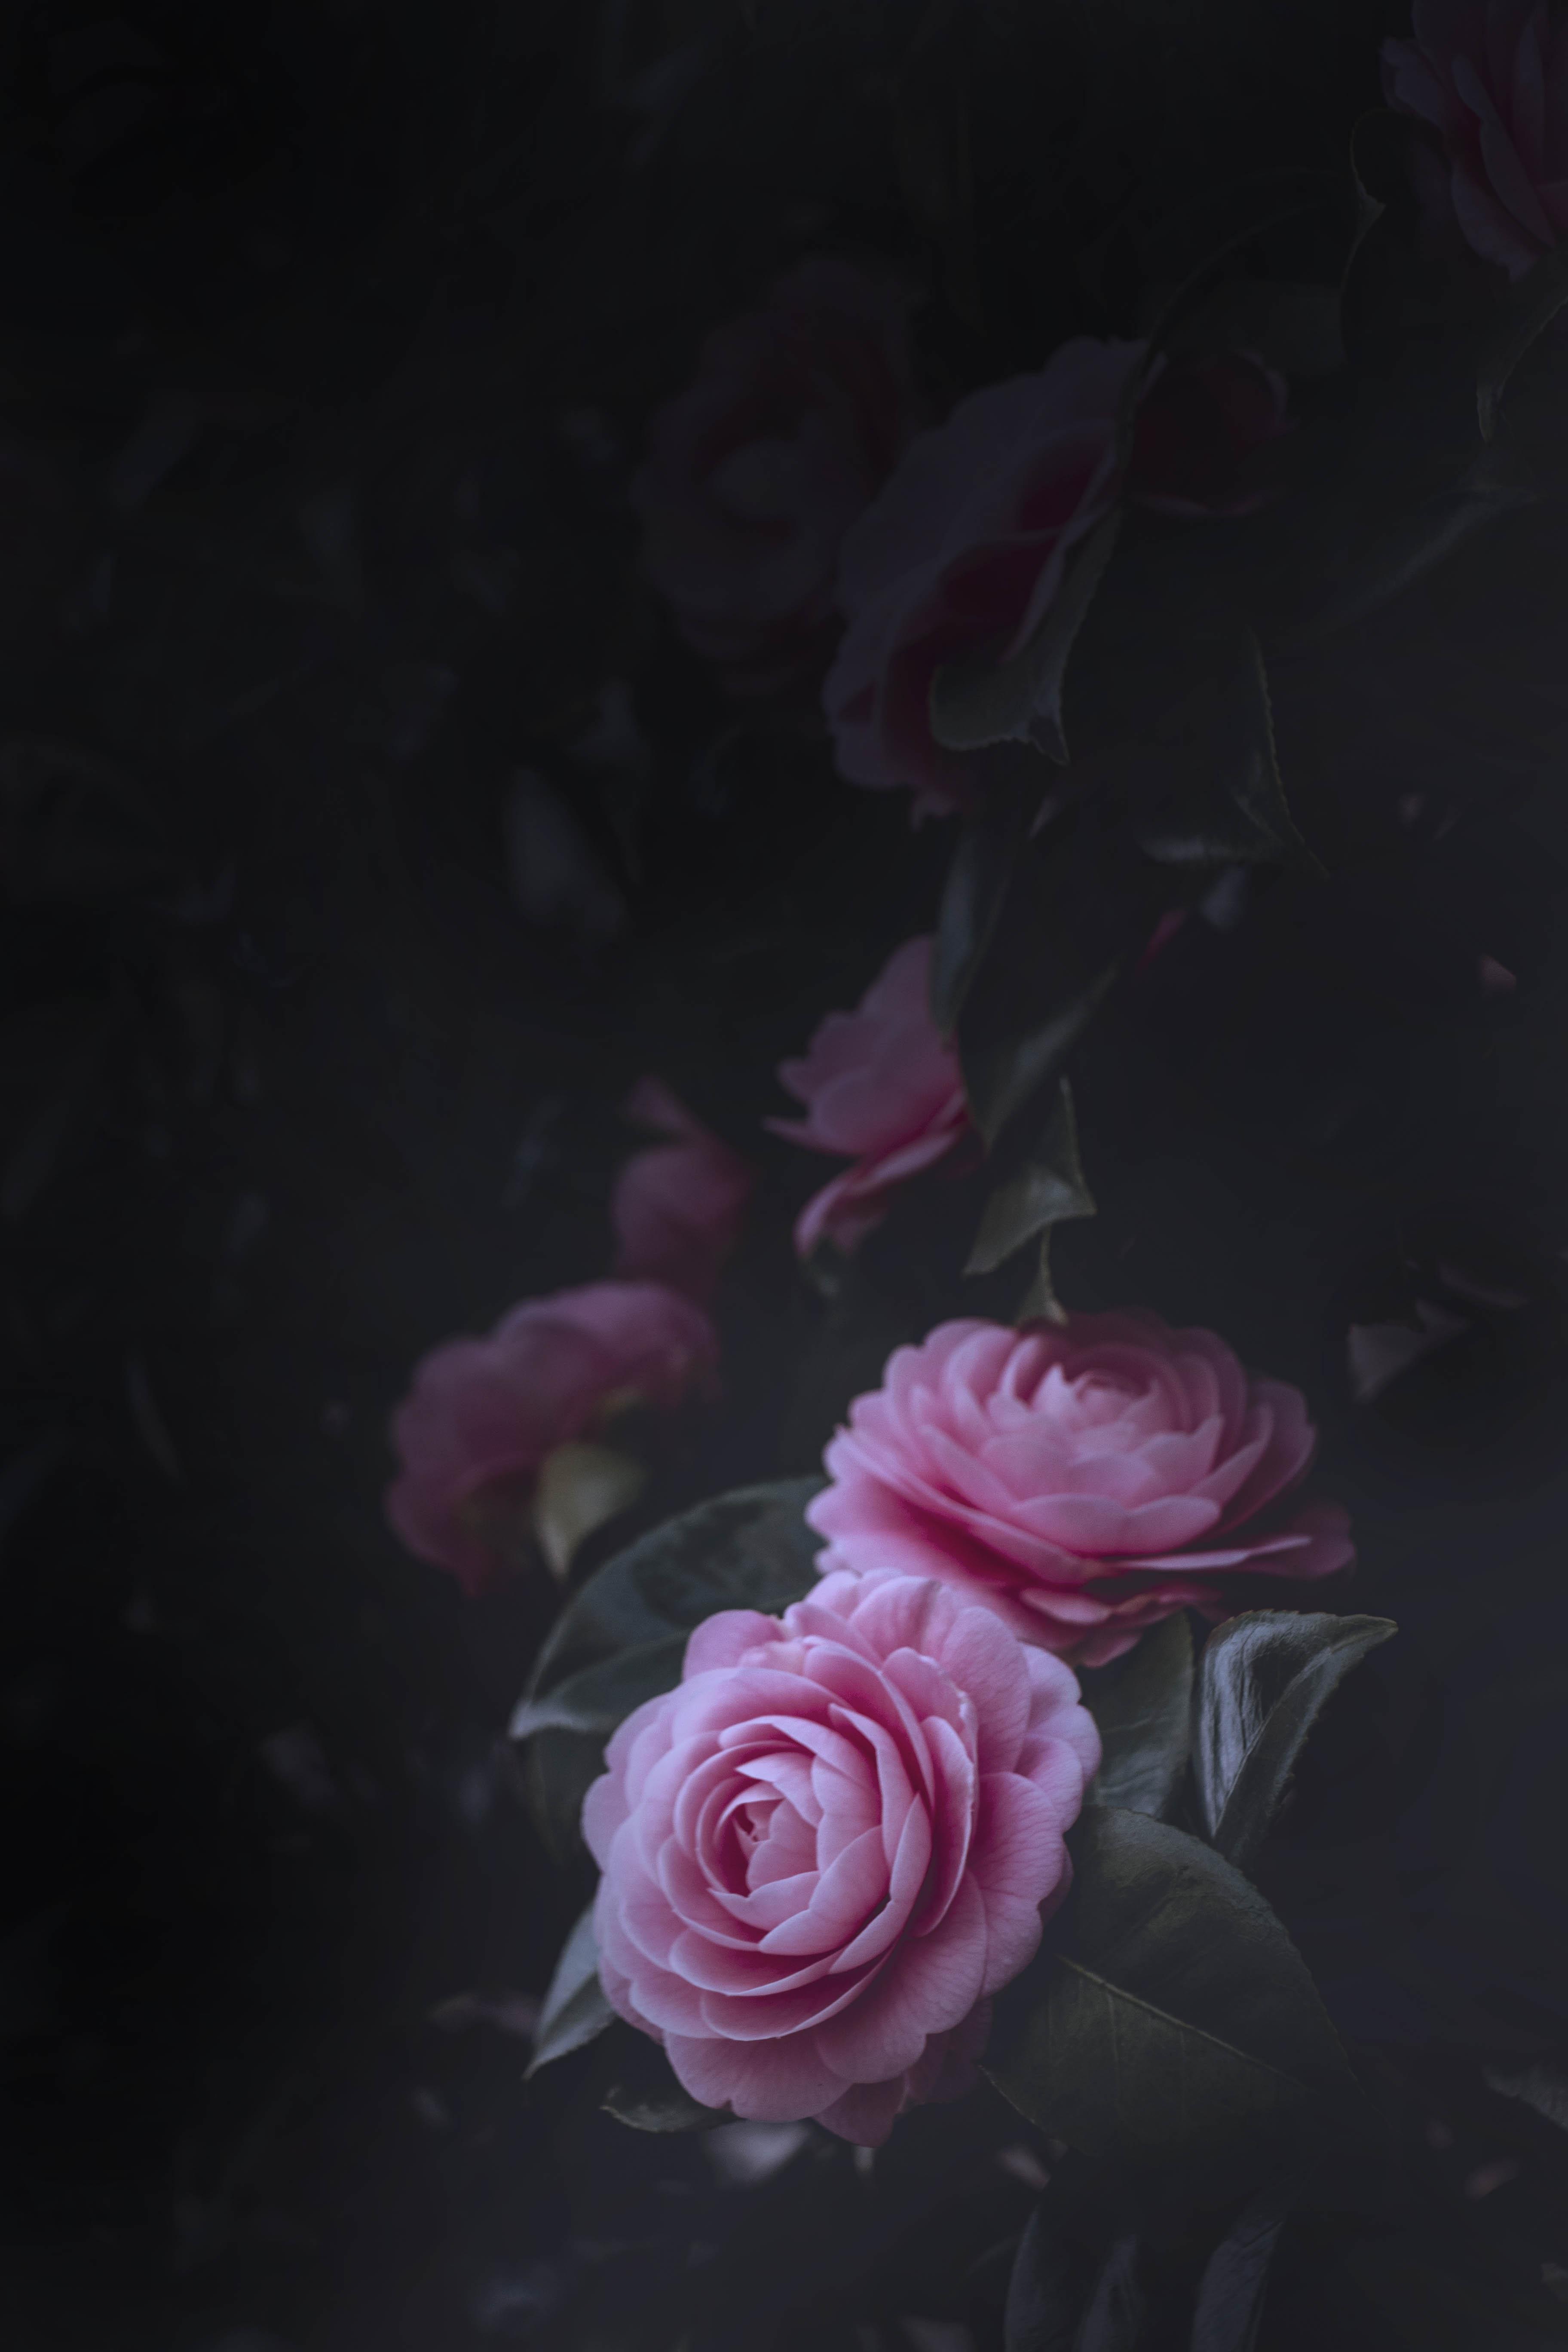 89133 Заставки и Обои Розы на телефон. Скачать Розы, Бутоны, Цветы, Цветение, Розовый, Куст картинки бесплатно